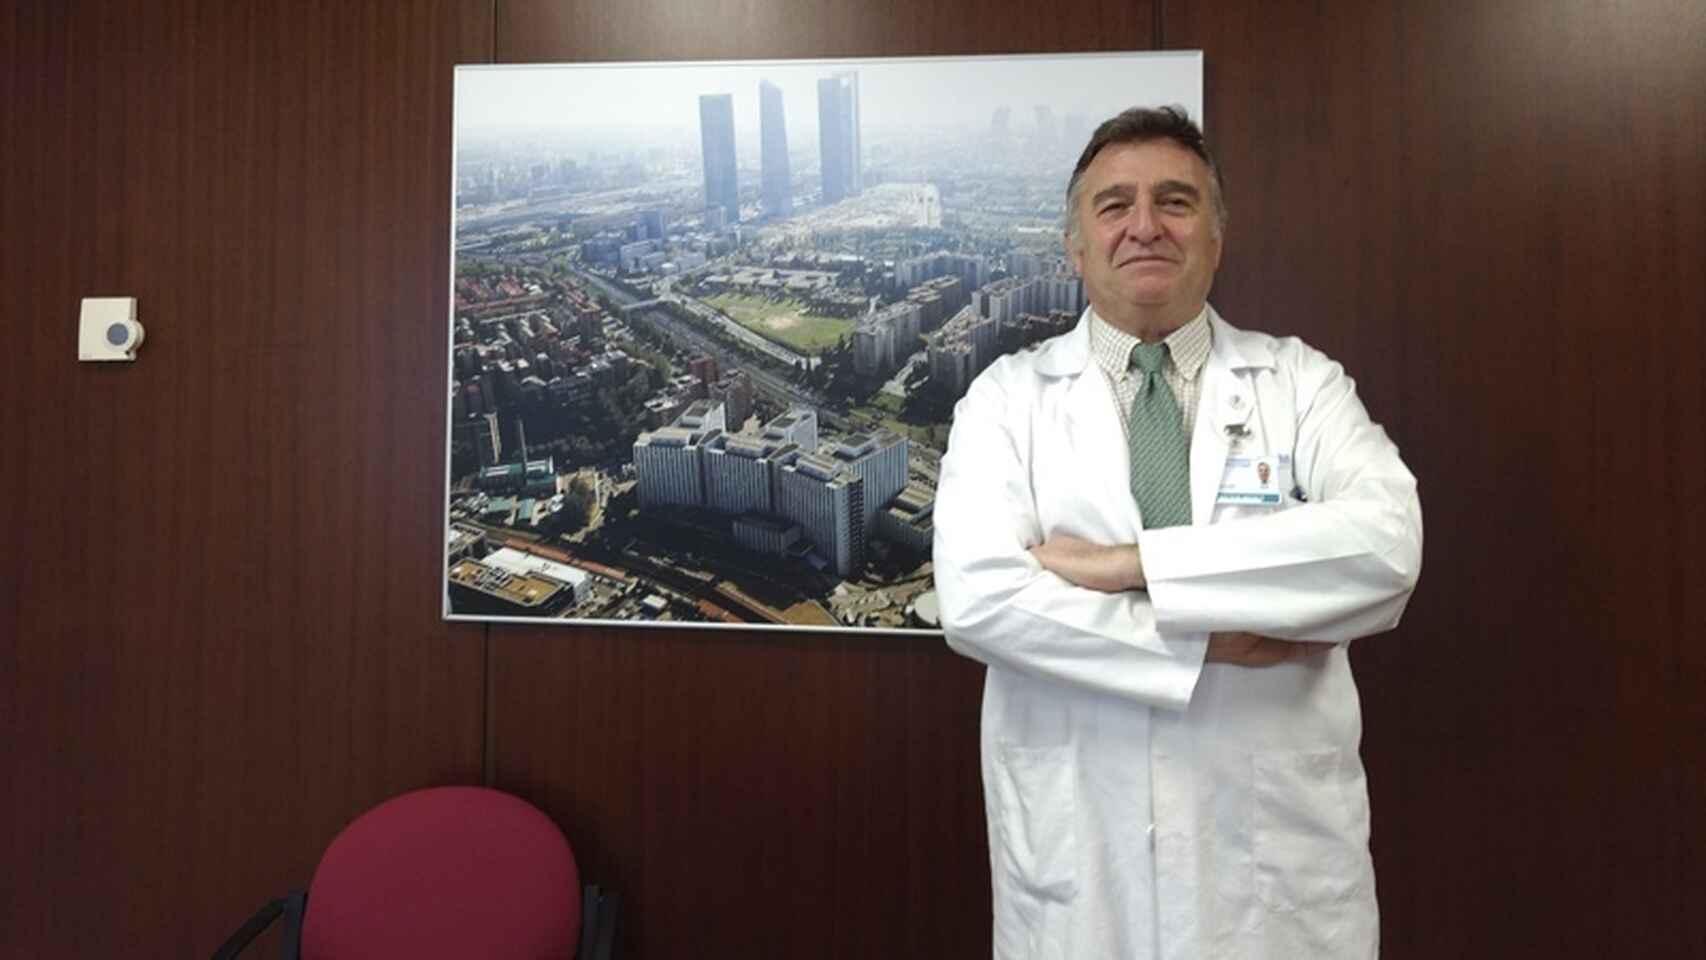 """Agustin Utrilla, del Ramon y Cajal: """"Ya estamos desalojando zonas del hospital para la Covid"""""""